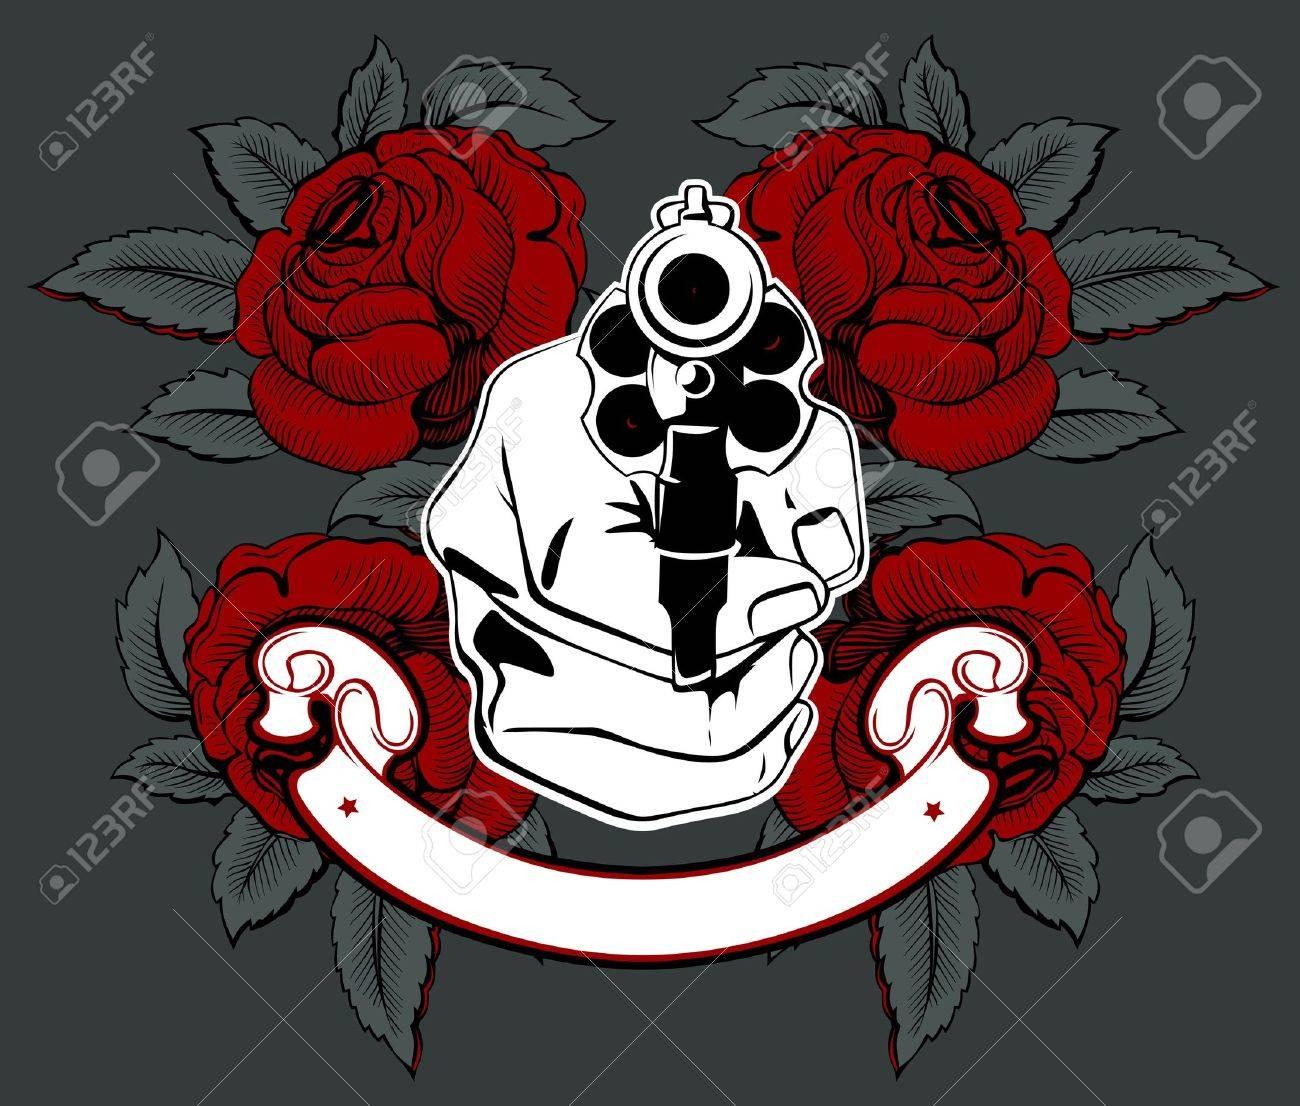 gun hand rose - 9462886